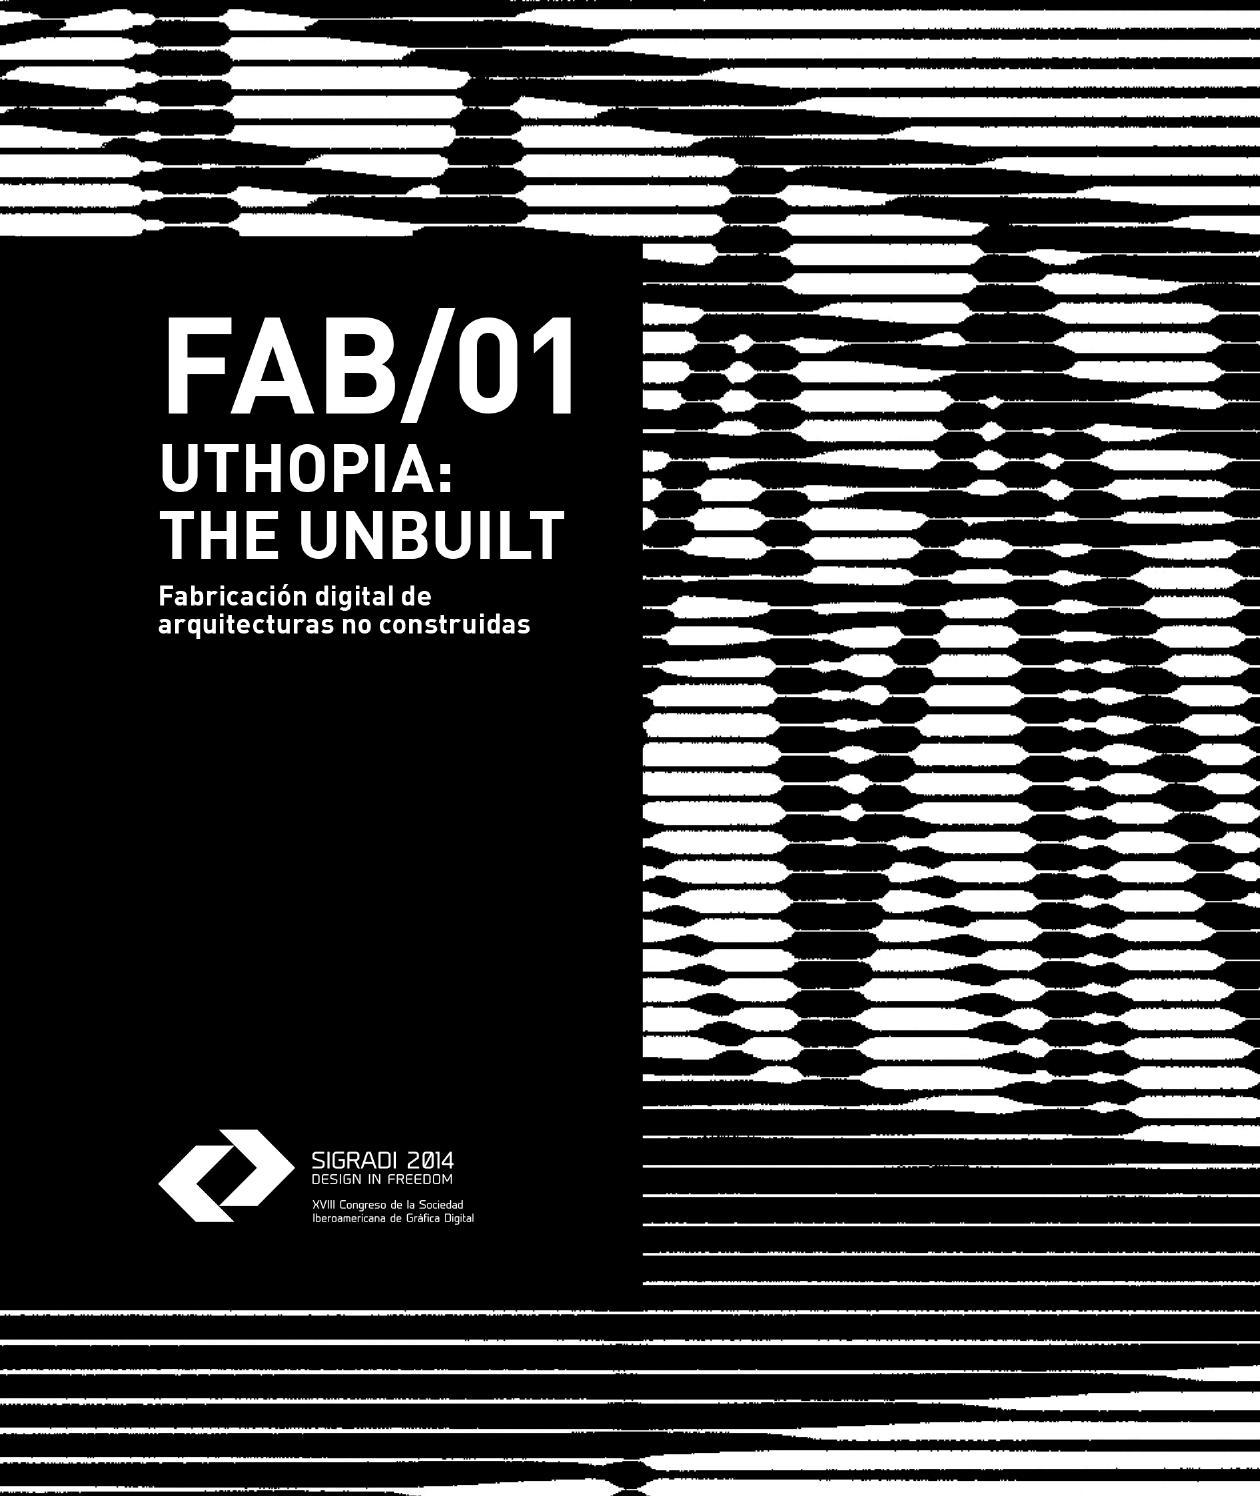 Fab 01 Uthopia The Unbuilt Fabricación Digital De